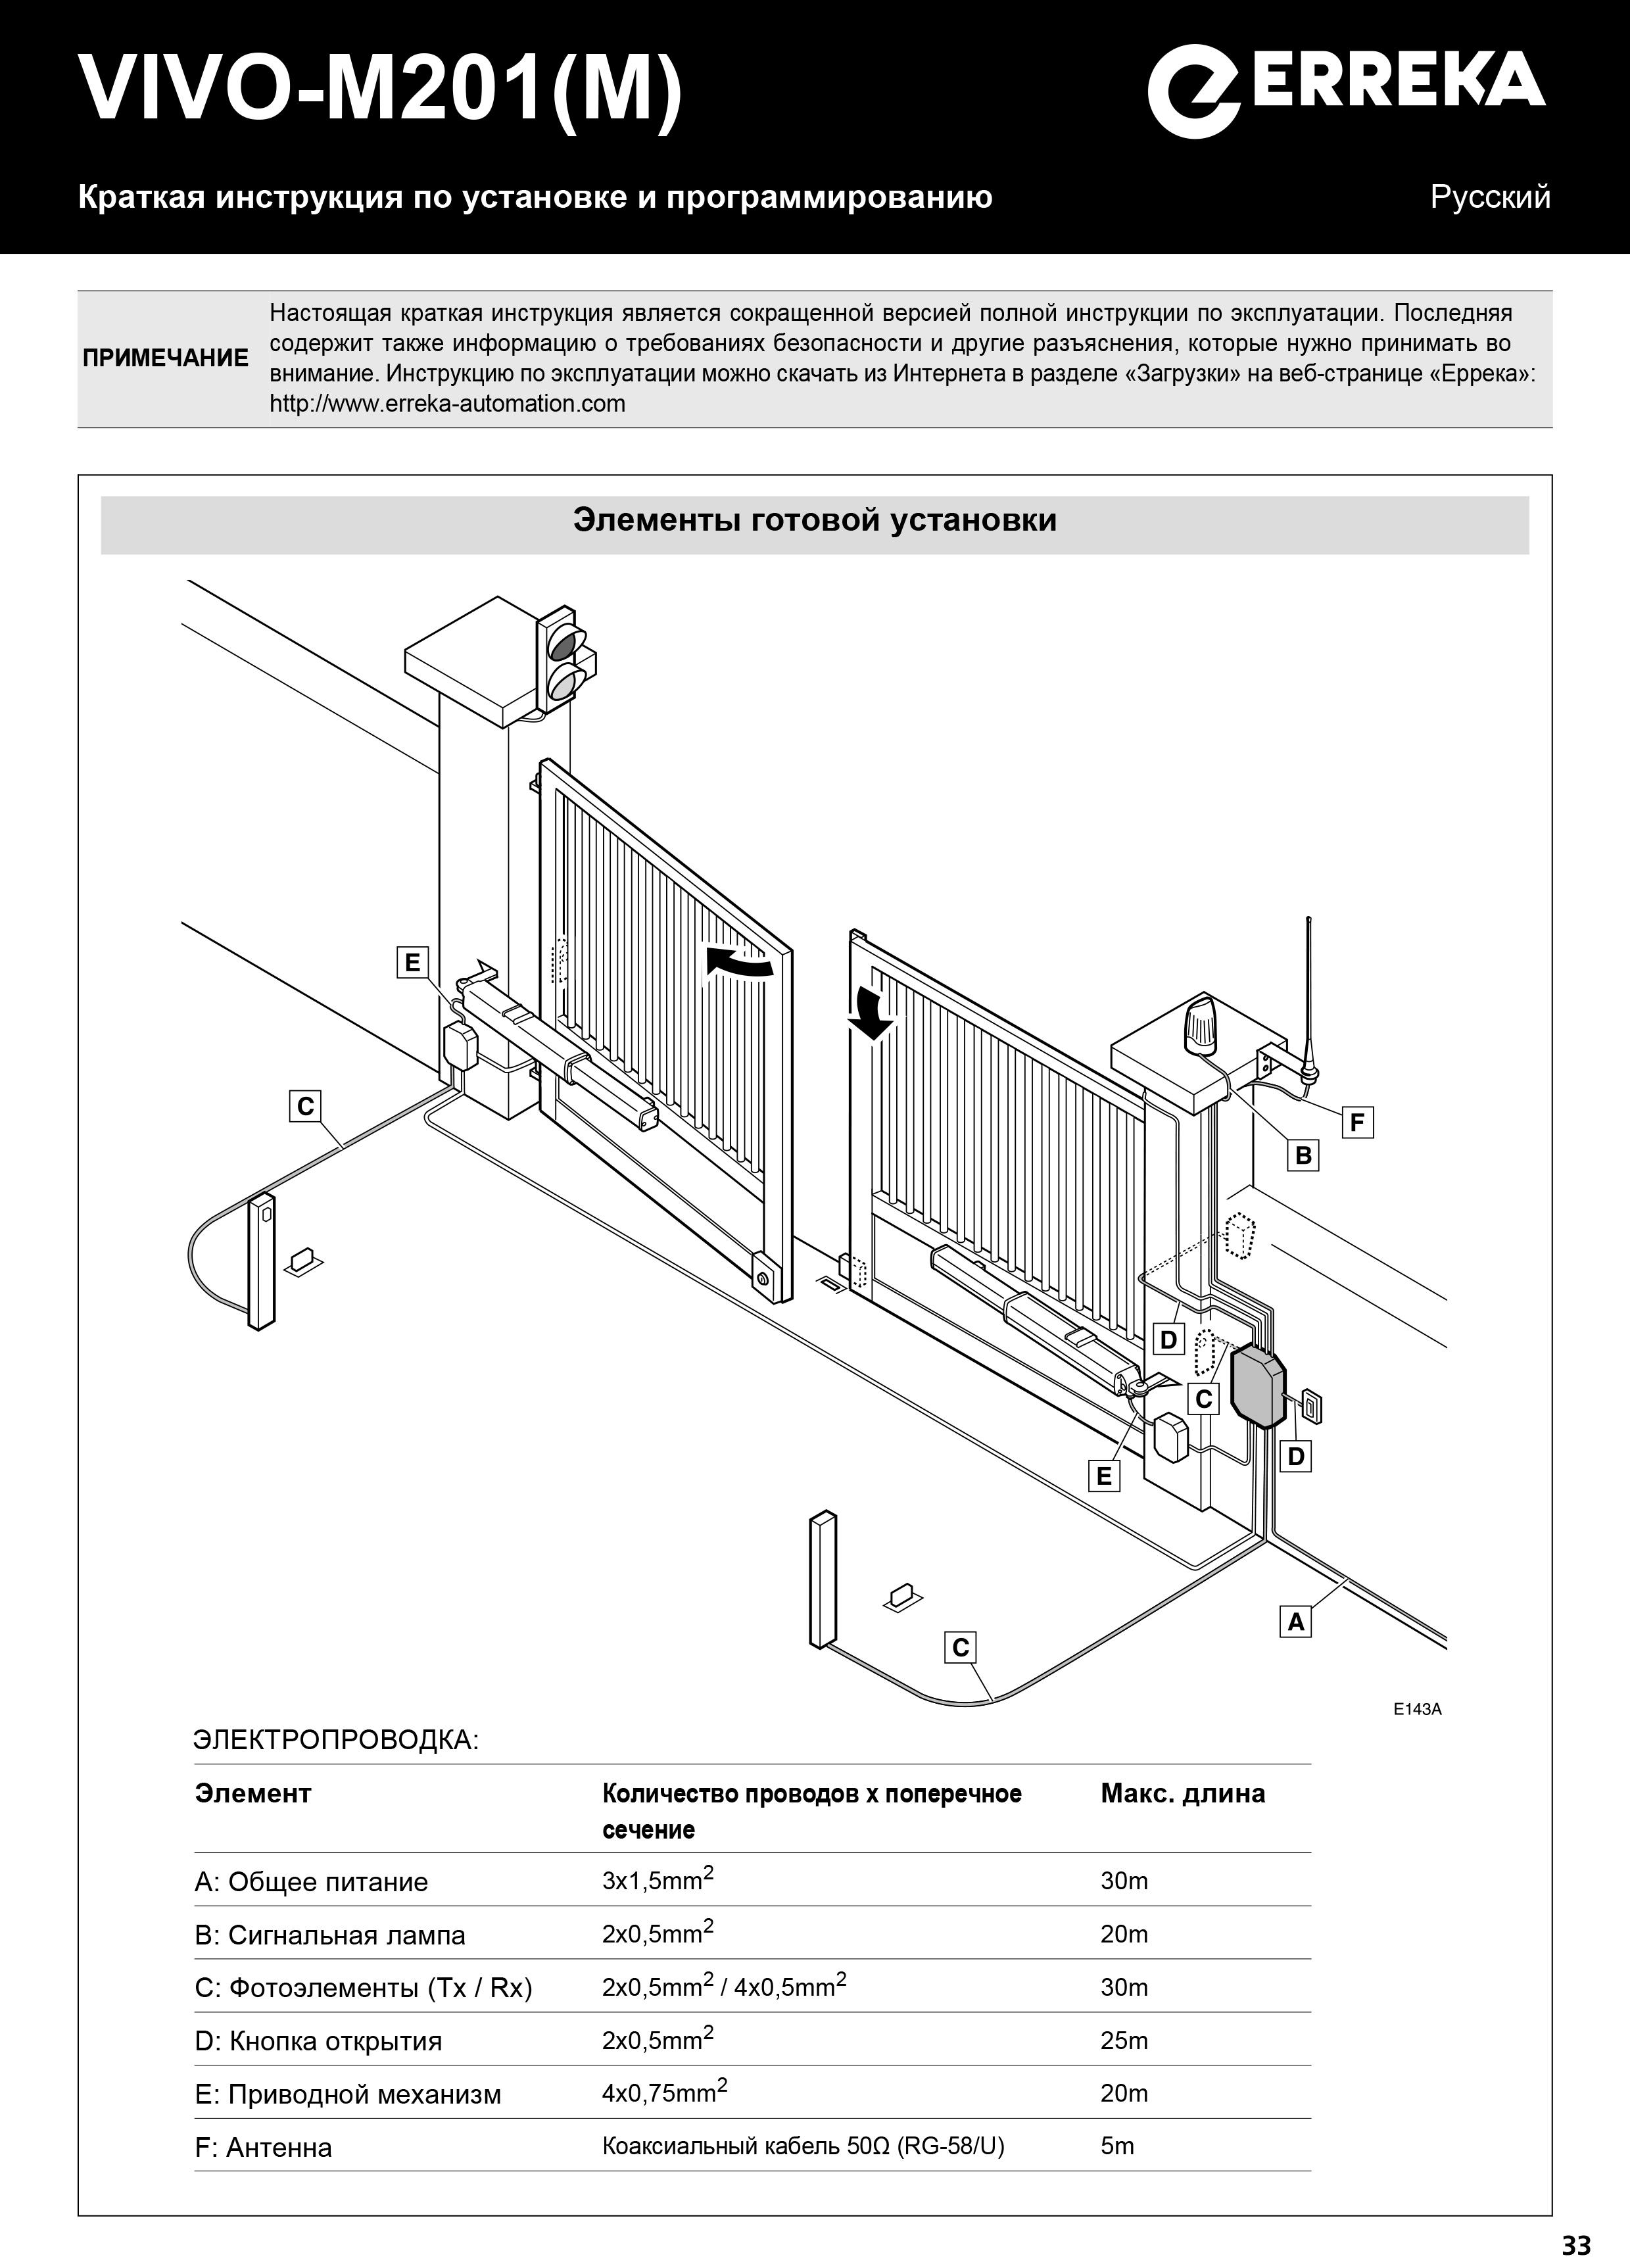 Інструкція по експлуатації привору VIVO M201